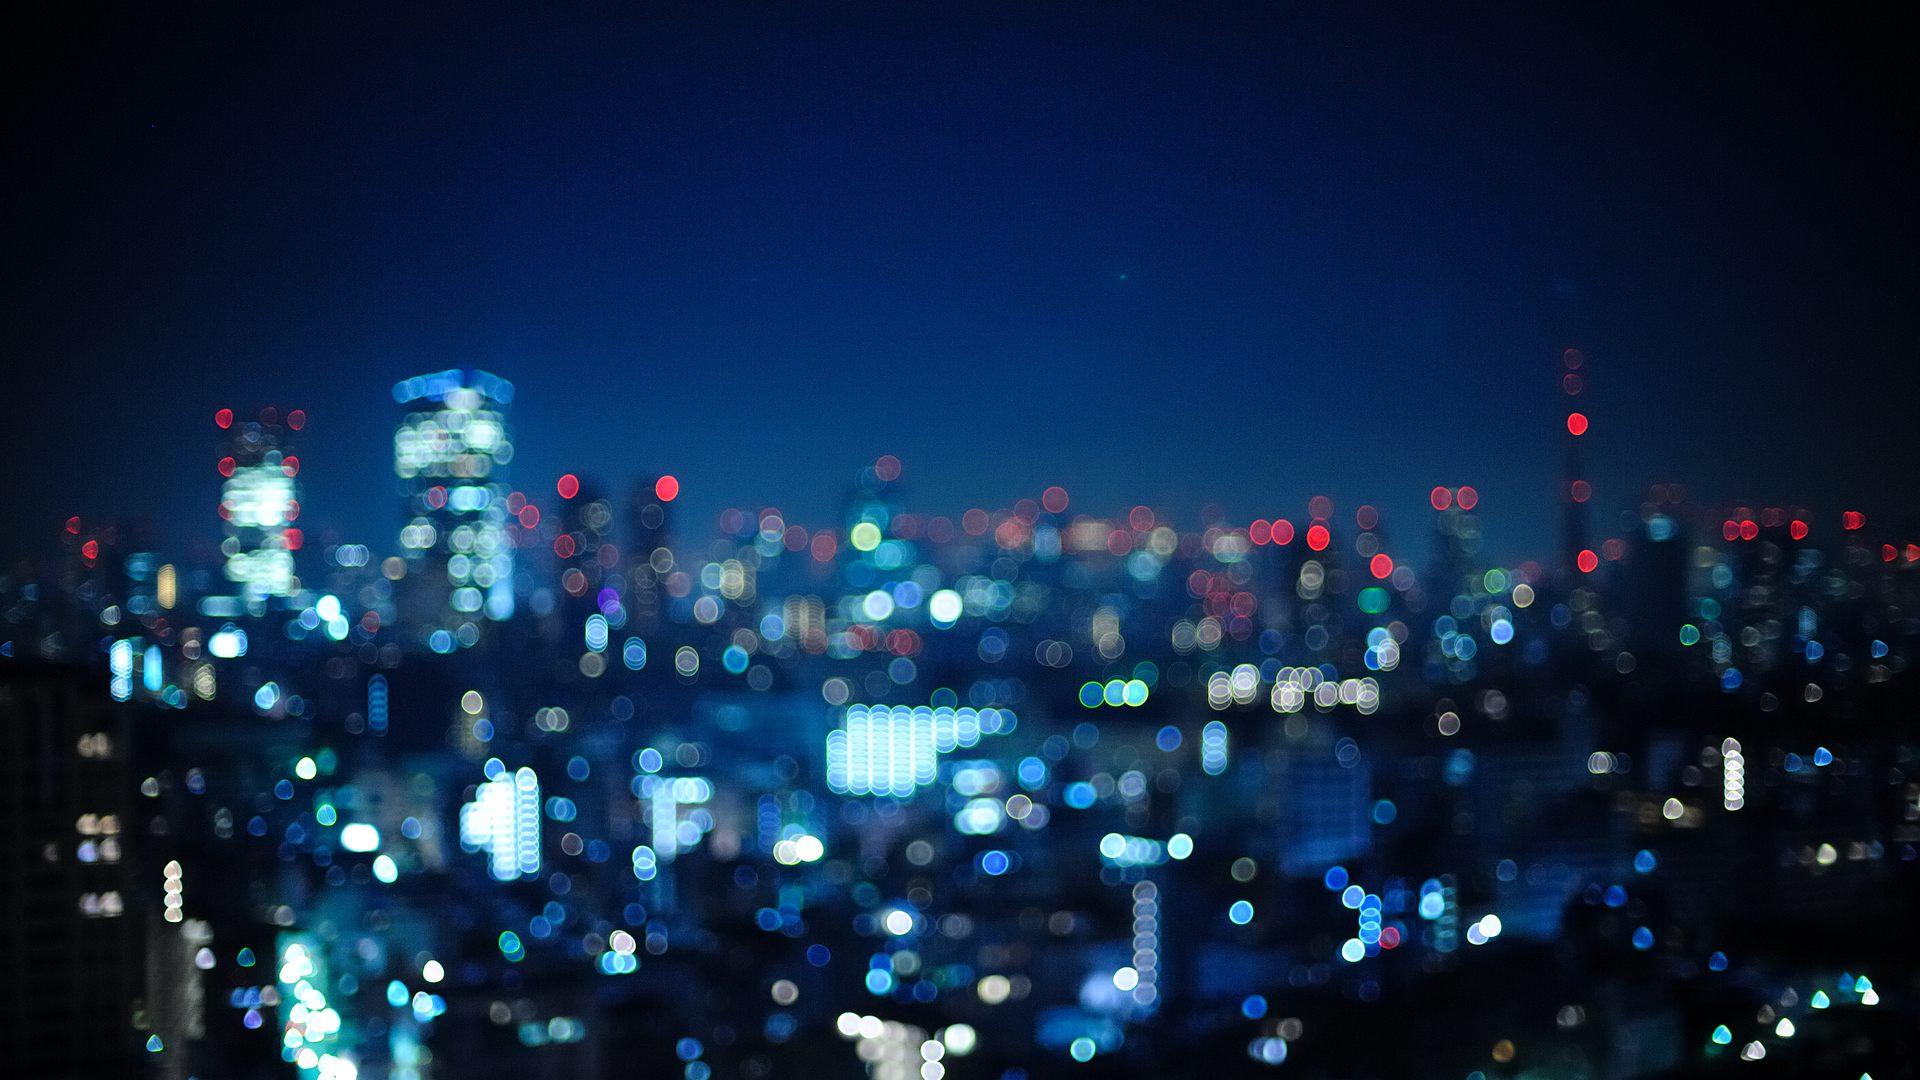 Hình ảnh Bokeh thành phố về đêm